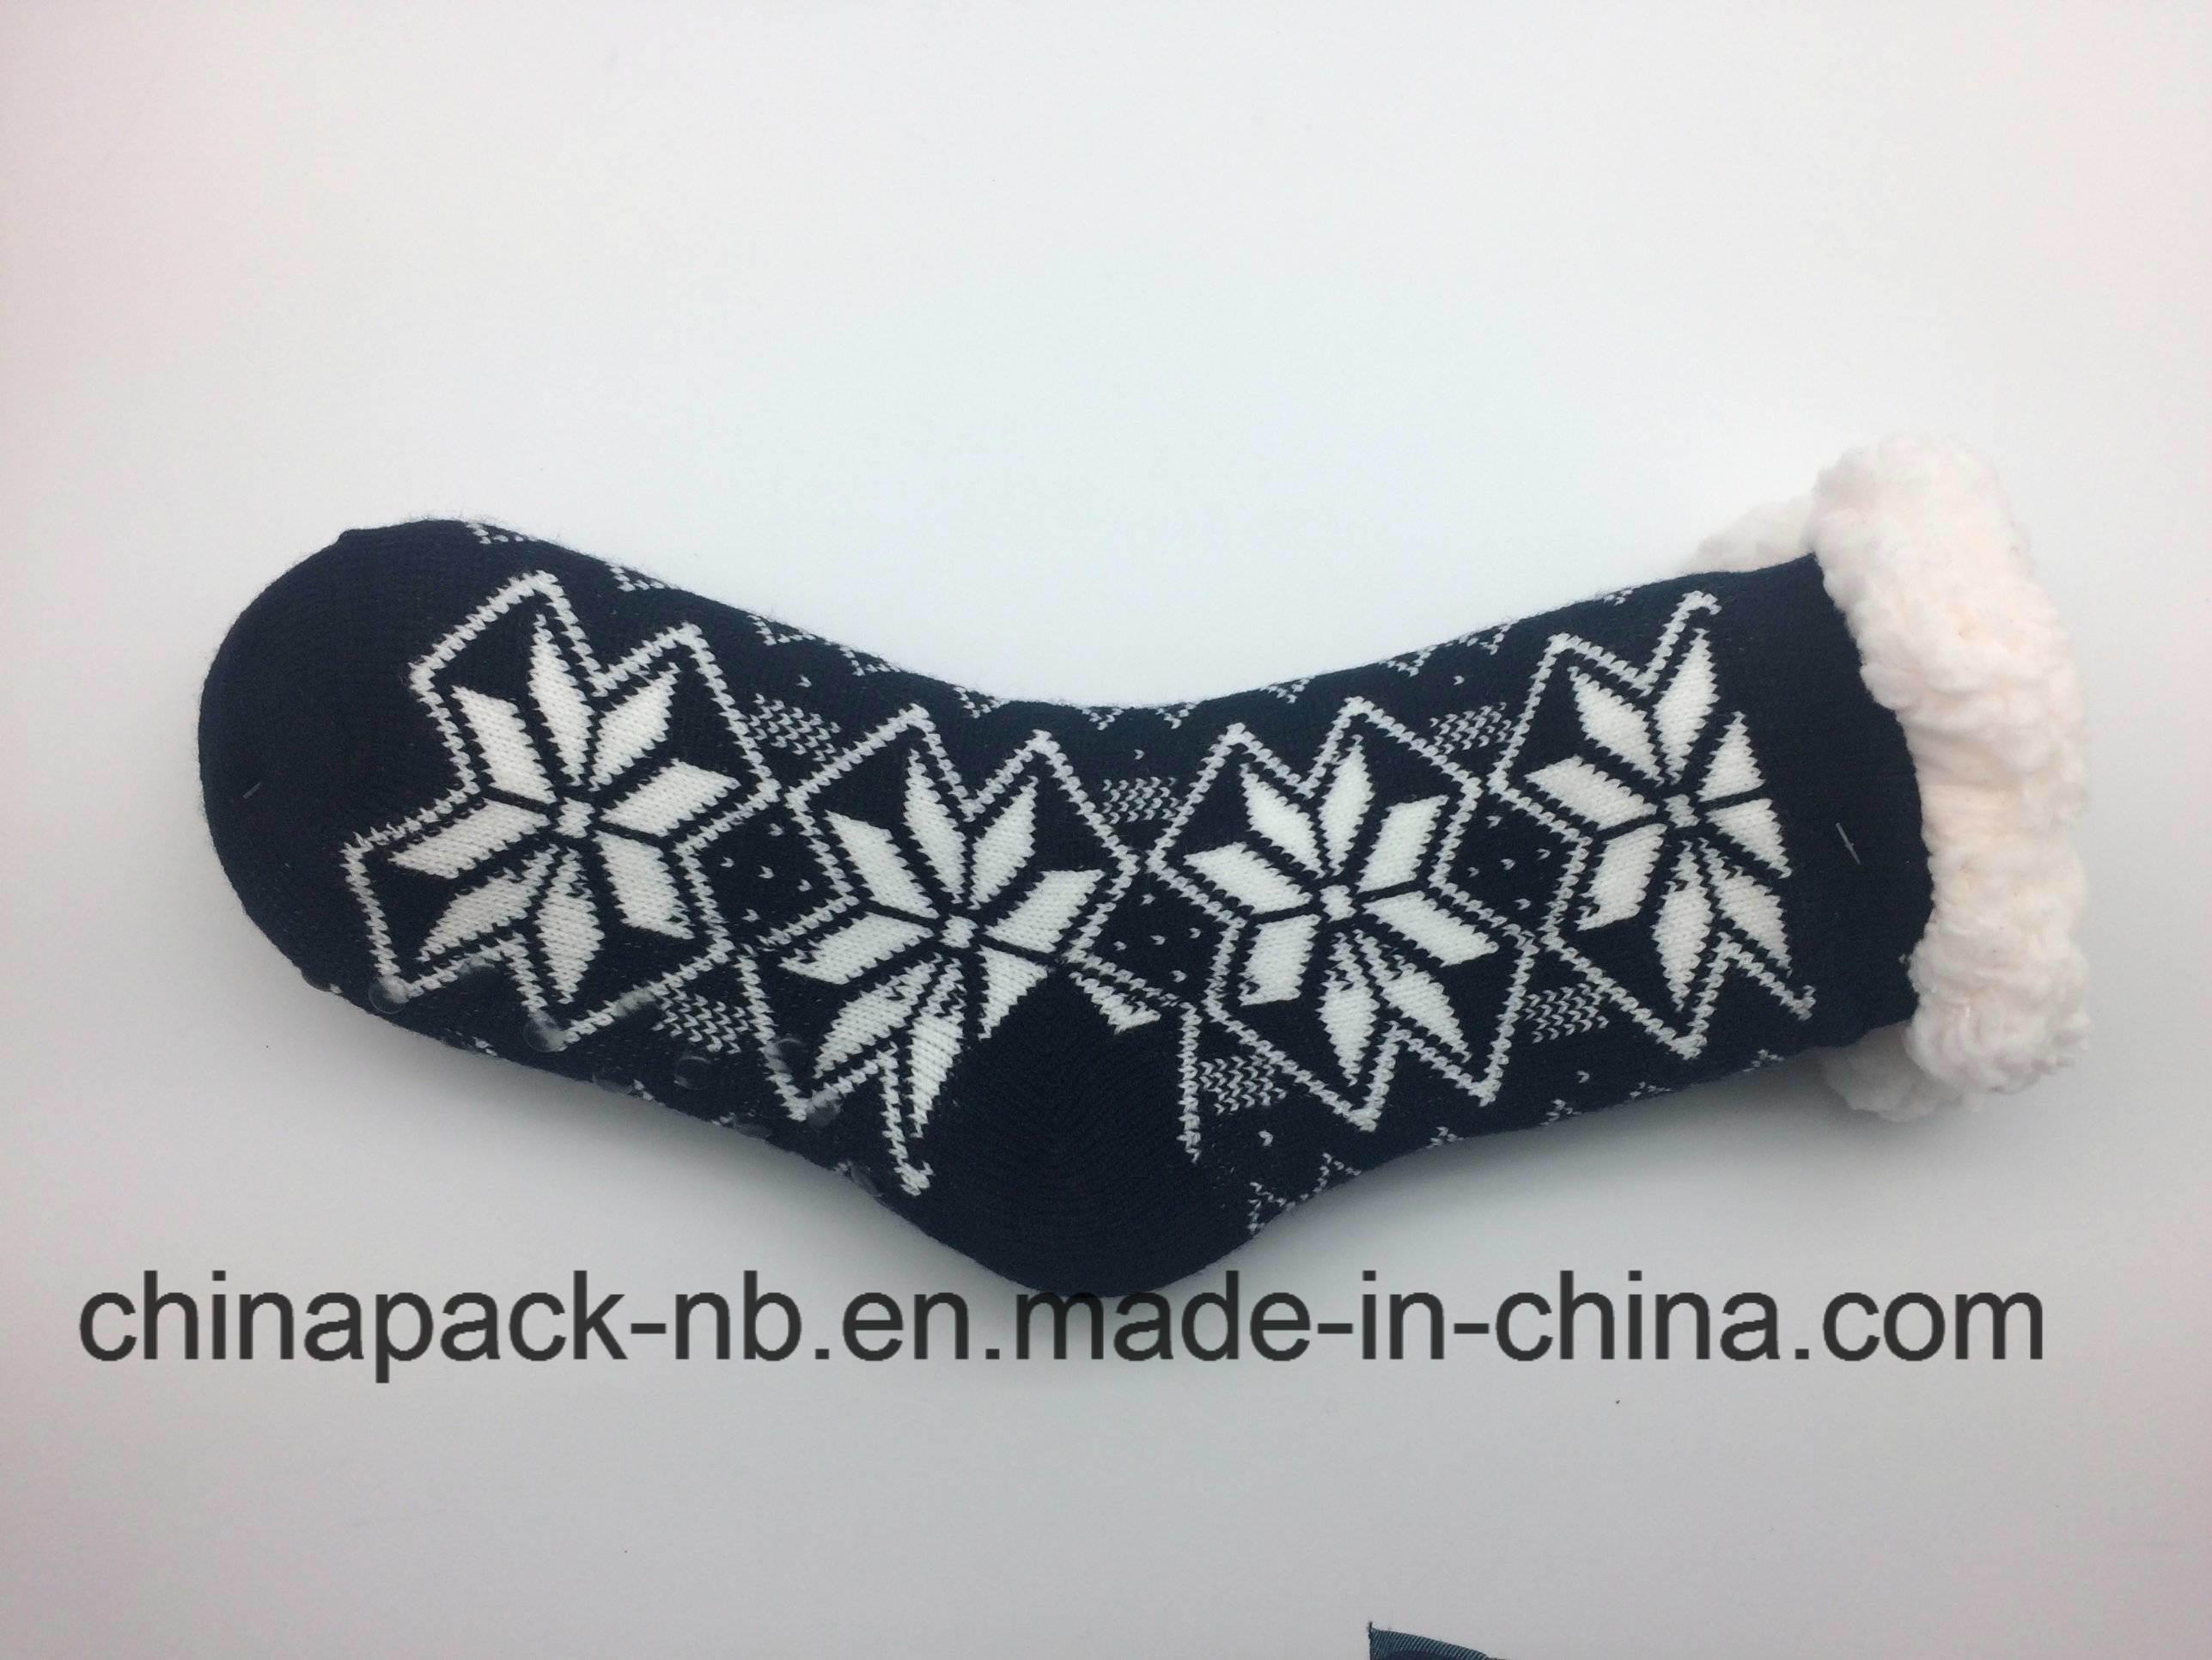 Homesocks Cotton Socks Solid Color, Single Color, Thick, Non-Slip